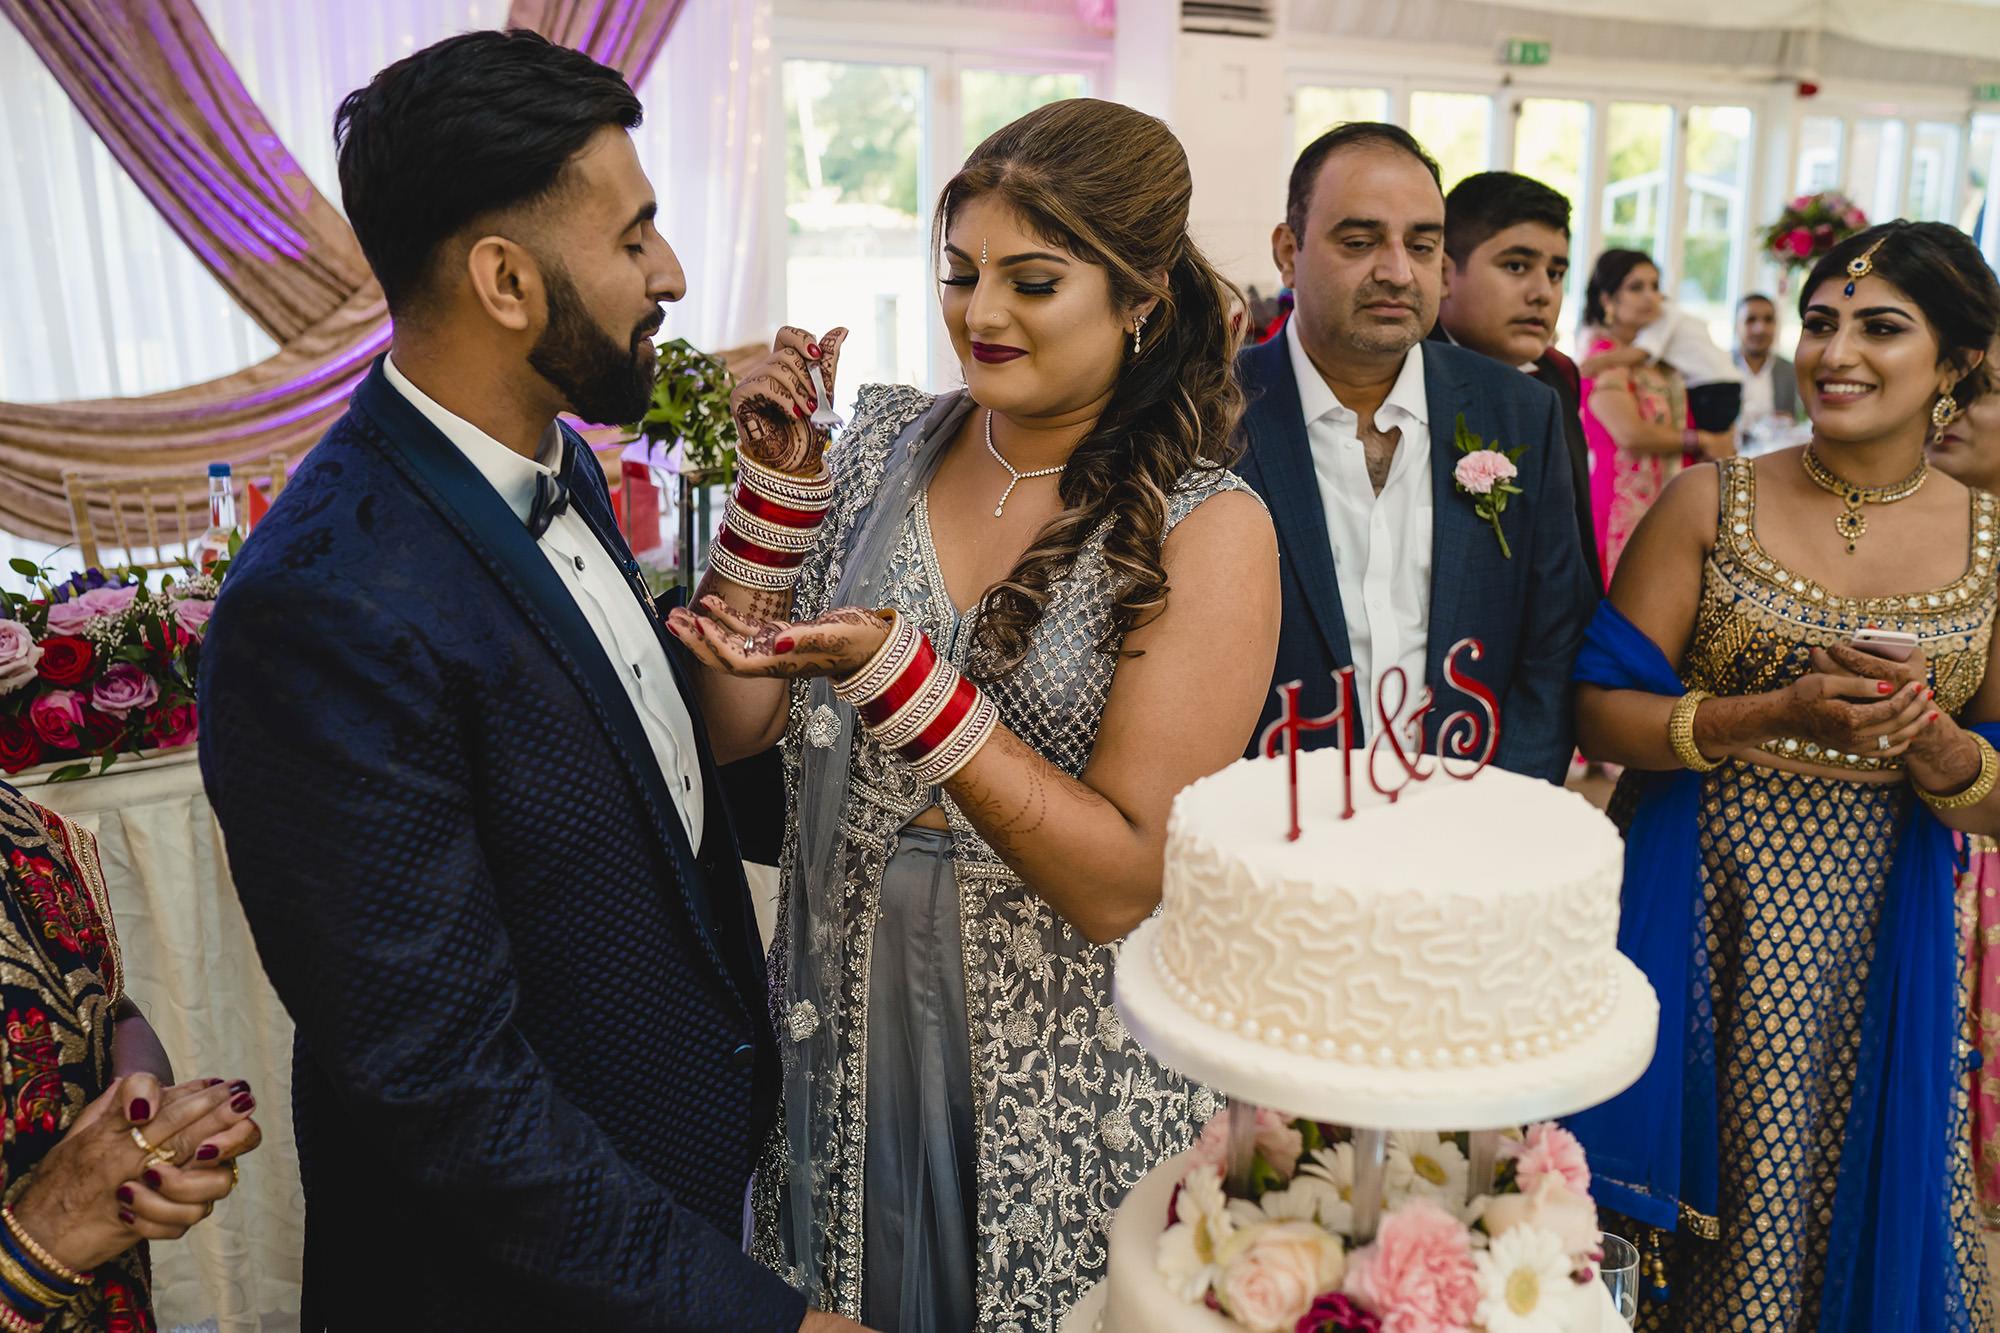 birde and groom cutting wedding cake at their wedding reception